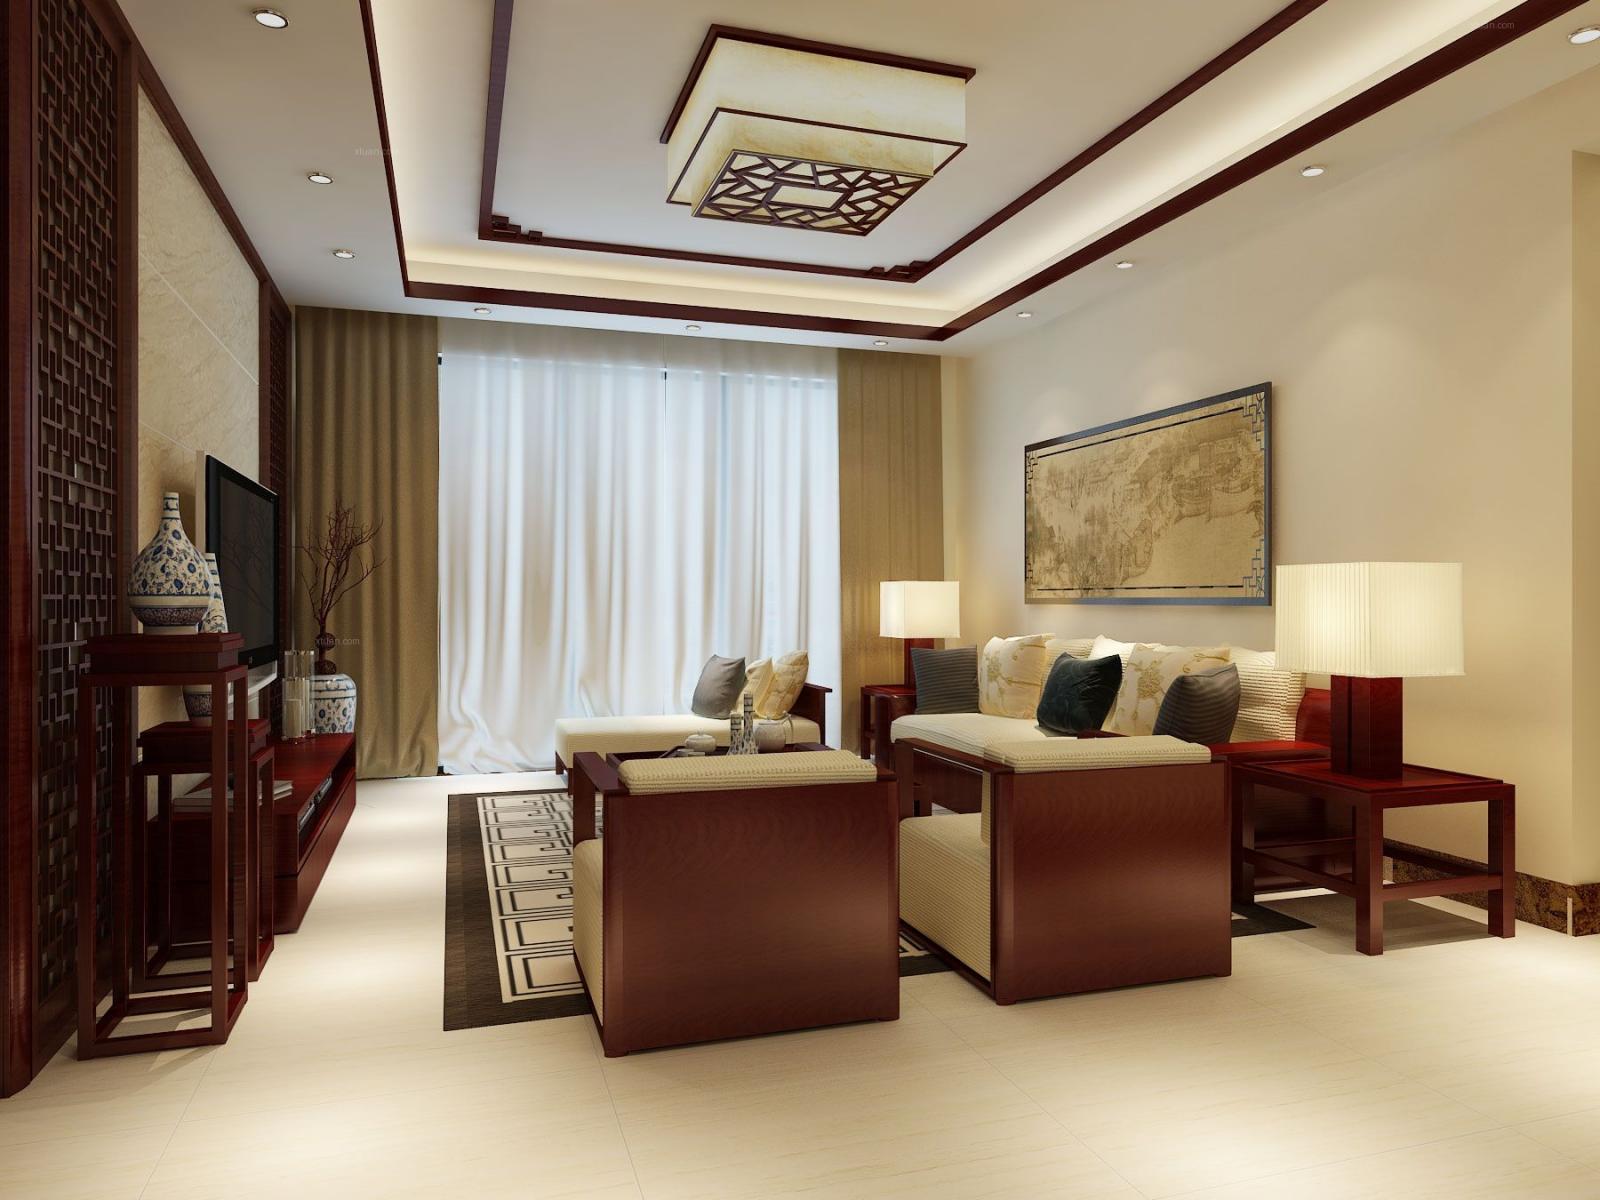 水悦龙湾-132平米-中式风格-11万